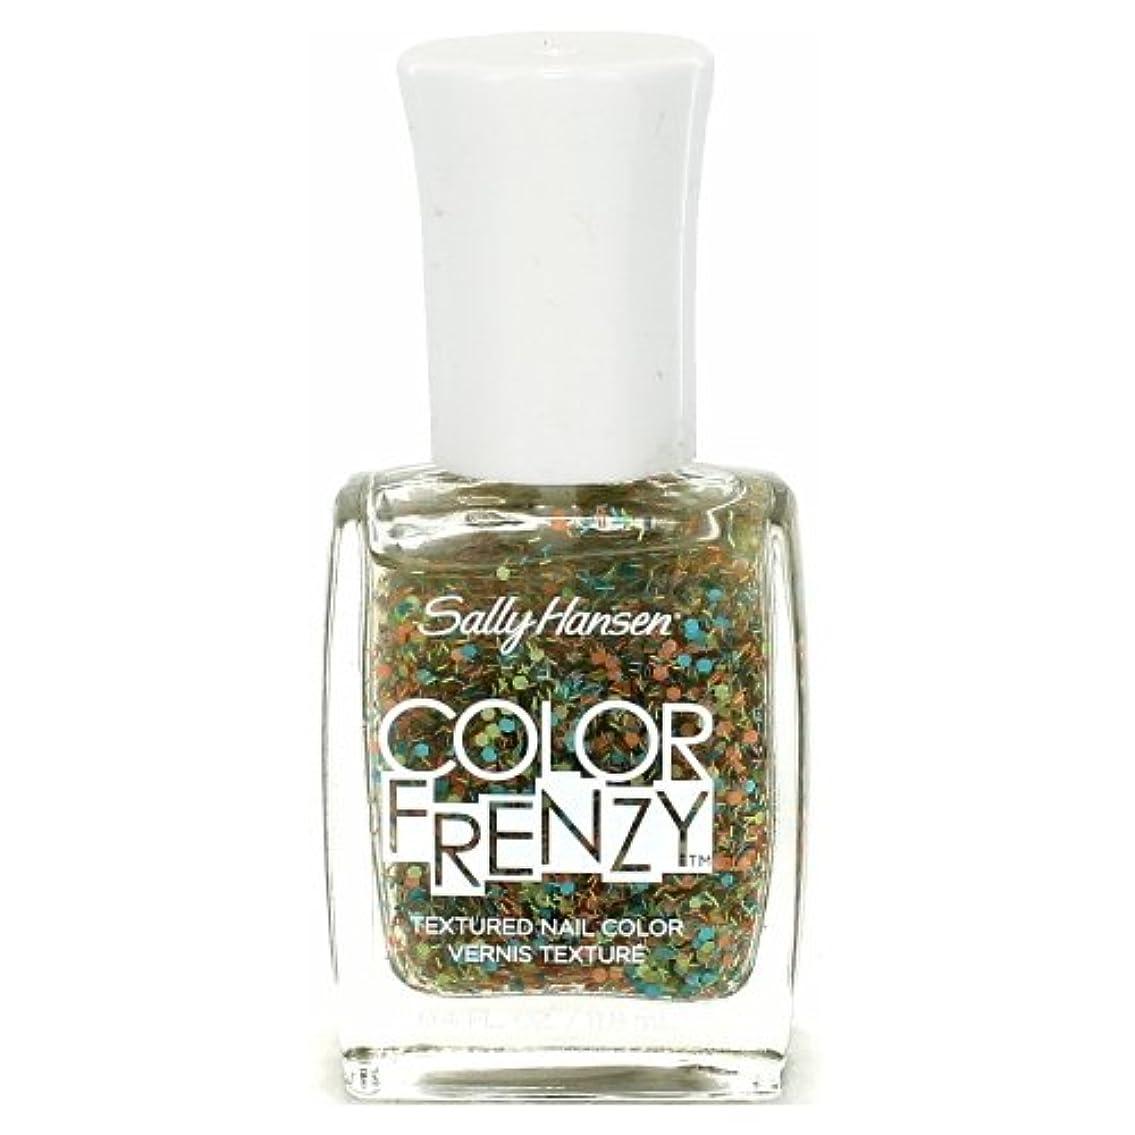 ミント魚重要な(3 Pack) SALLY HANSEN Color Frenzy Textured Nail Color - Paint Party (並行輸入品)